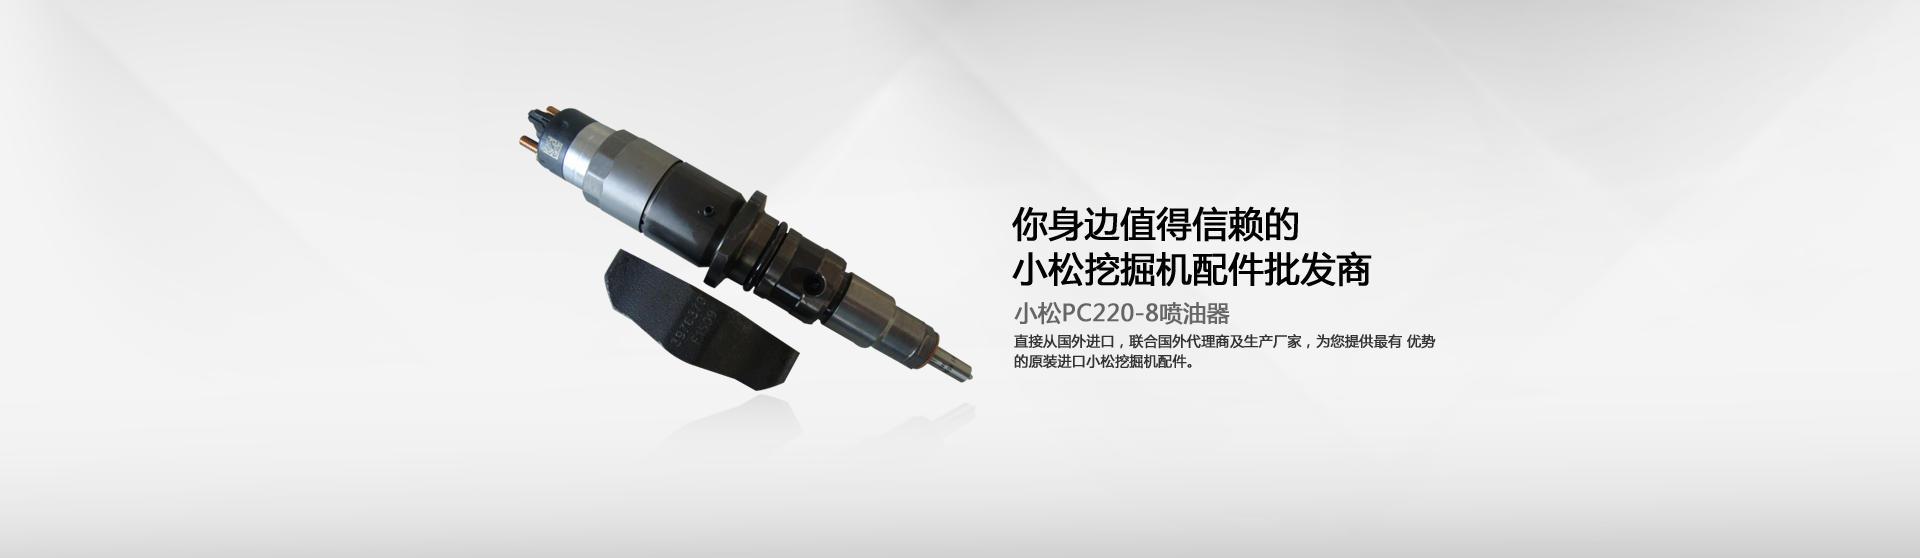 小松PC200-8喷油器